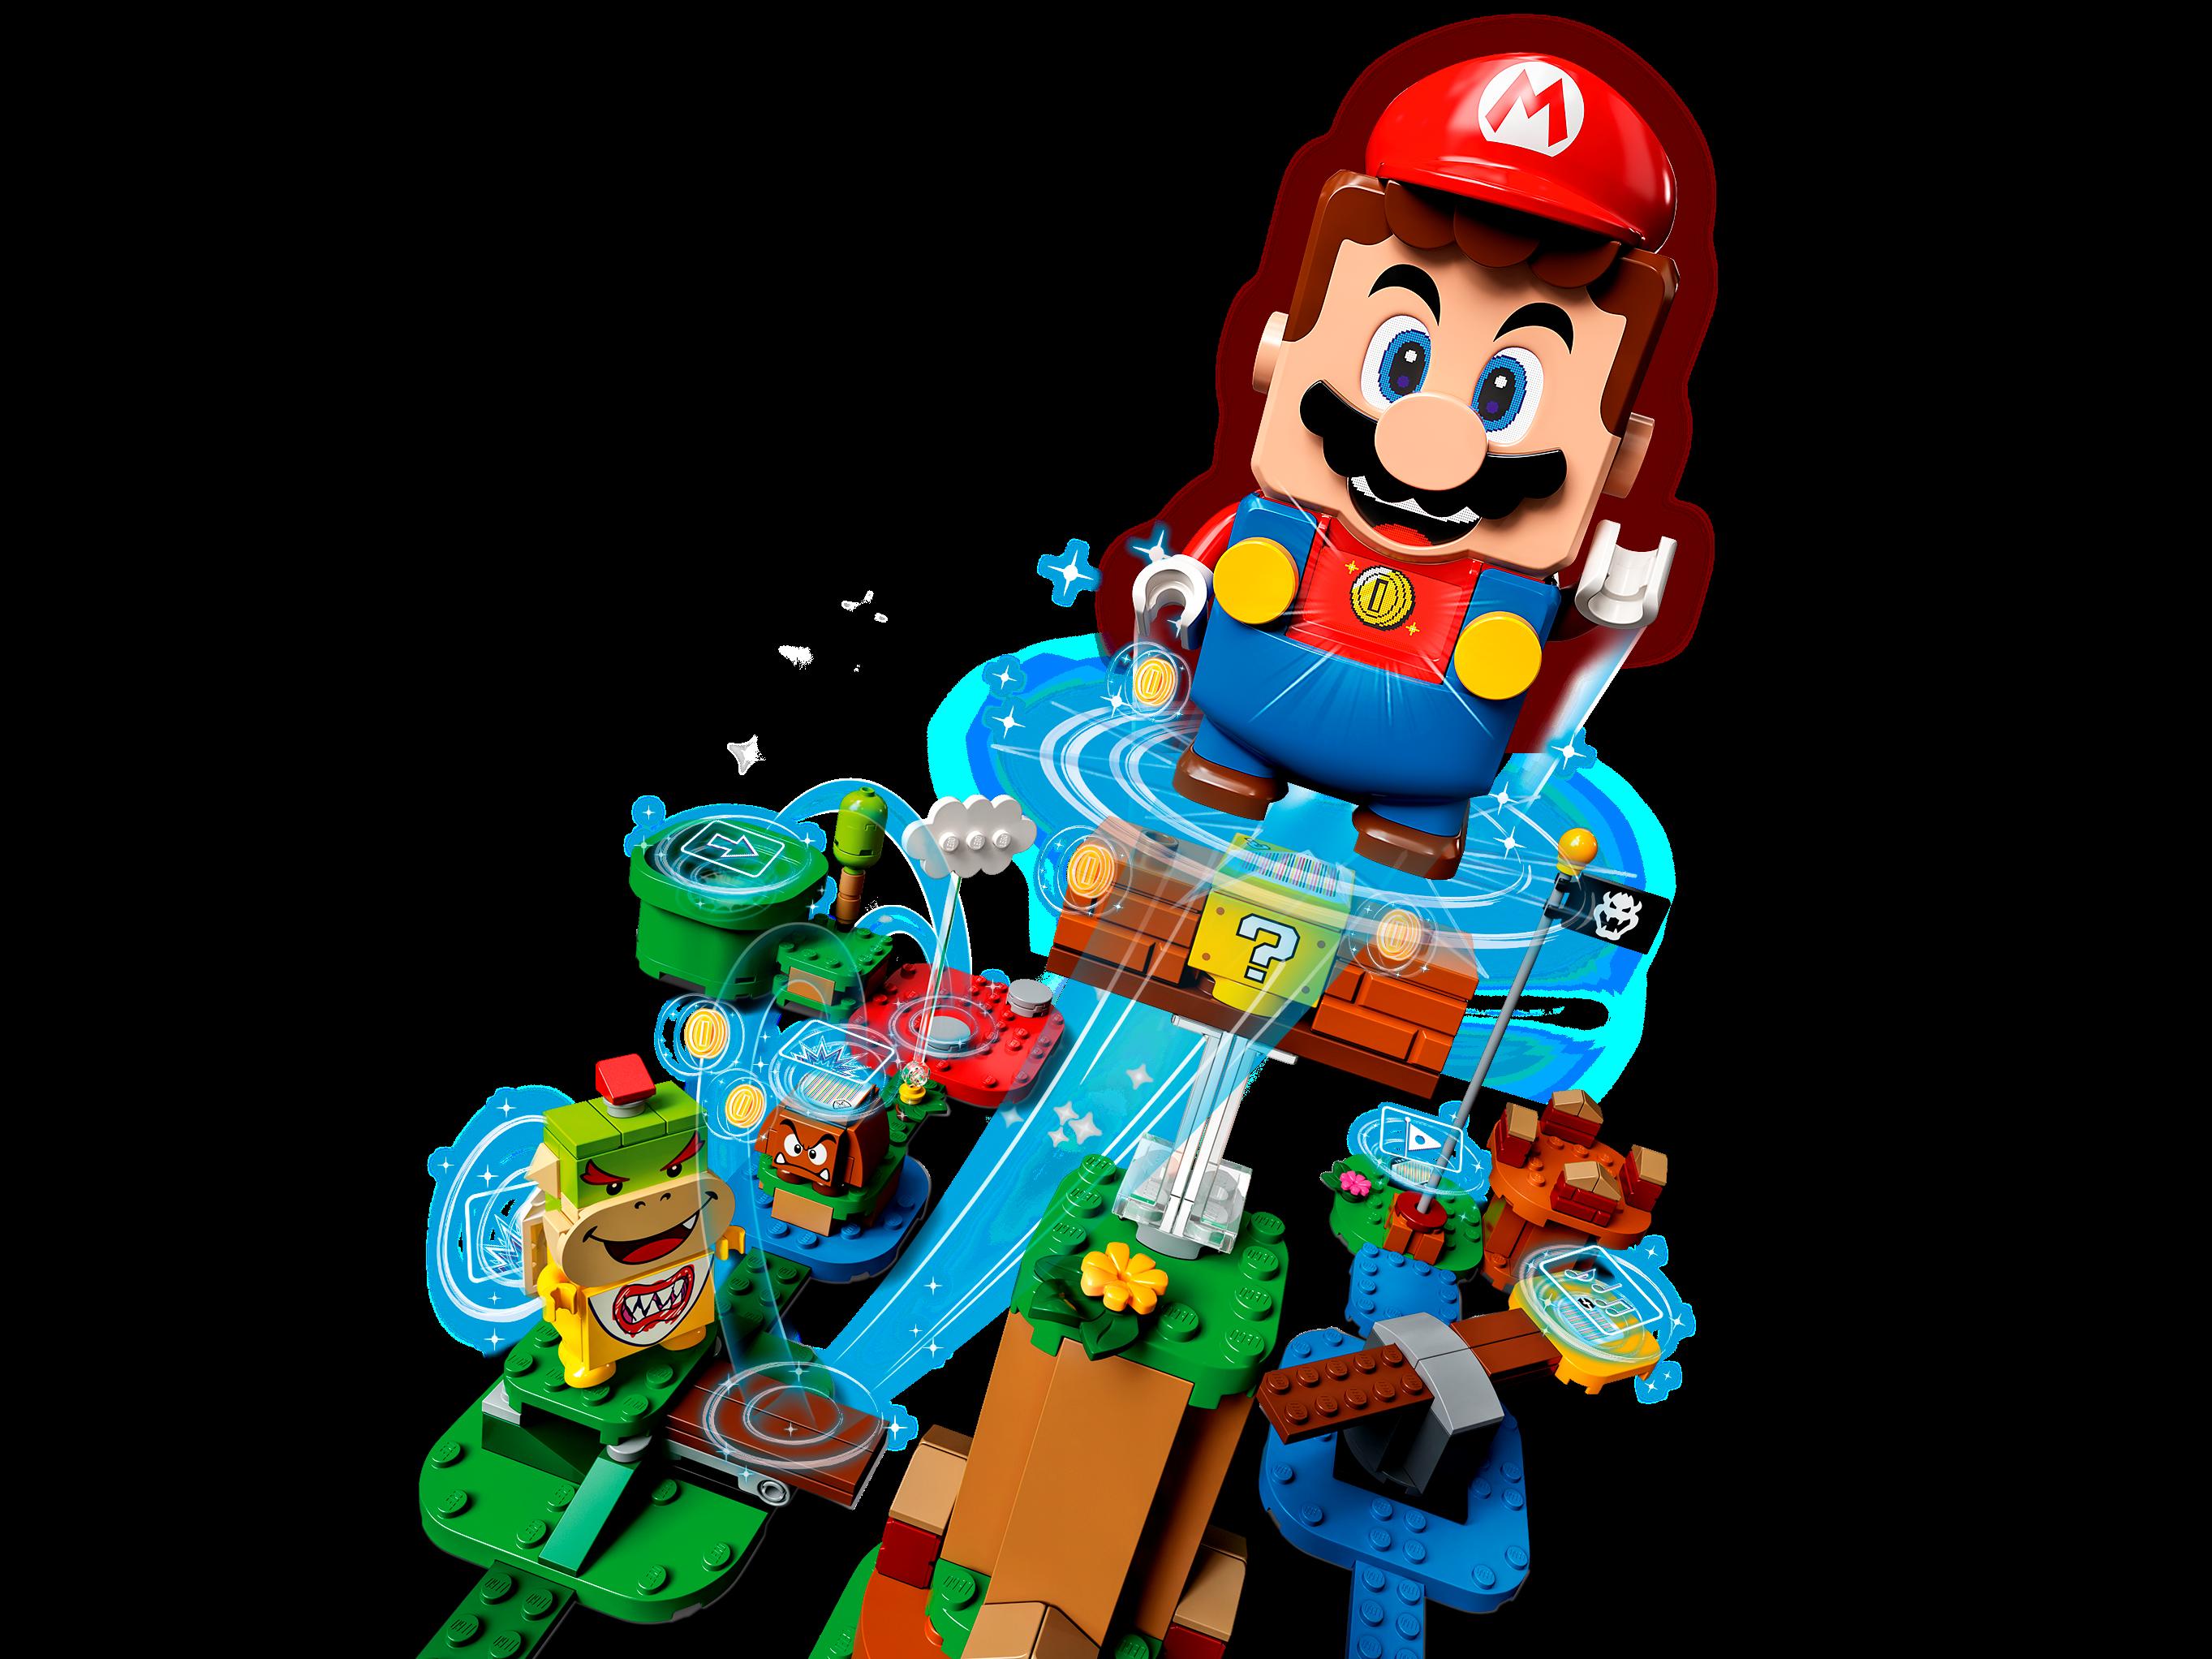 LEGO Super Mario Starter Pack Costruibile per il Percorso di base Avventure con Super Mario, Giocattolo e Idea Regalo per Bambini (231 pezzi), Modello